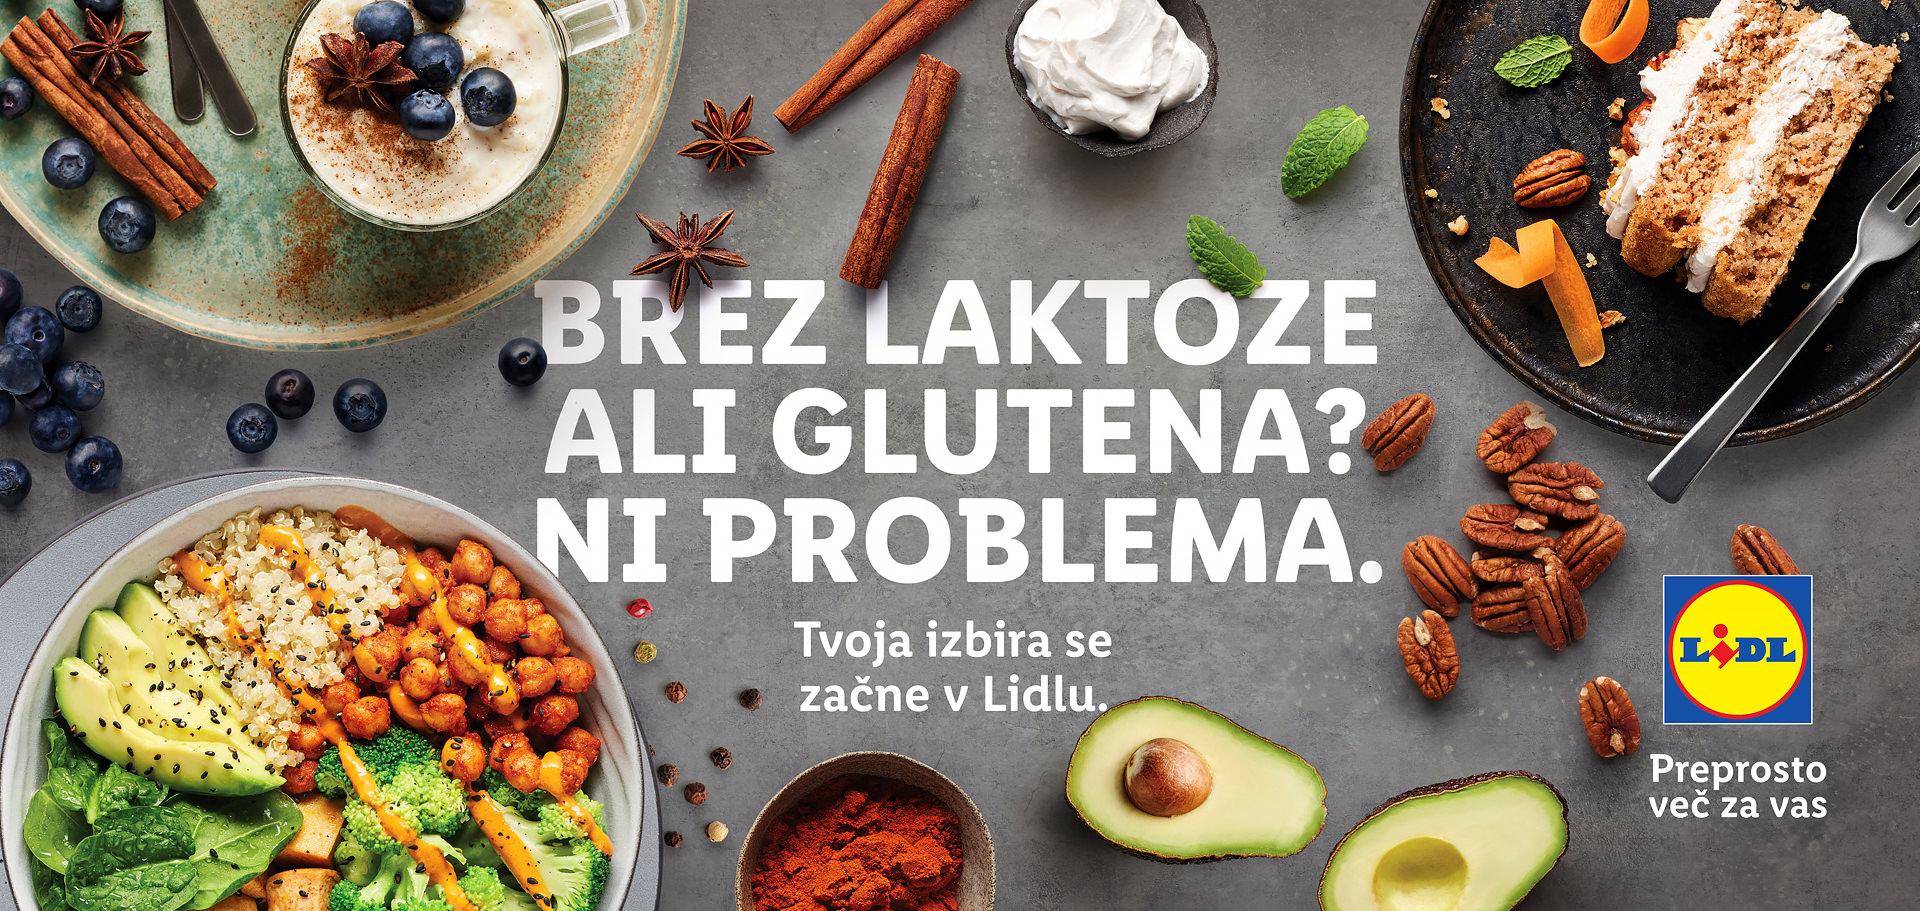 YY_Lidl_Izbira_BB_5x2_LaktozaGluten_01-copy